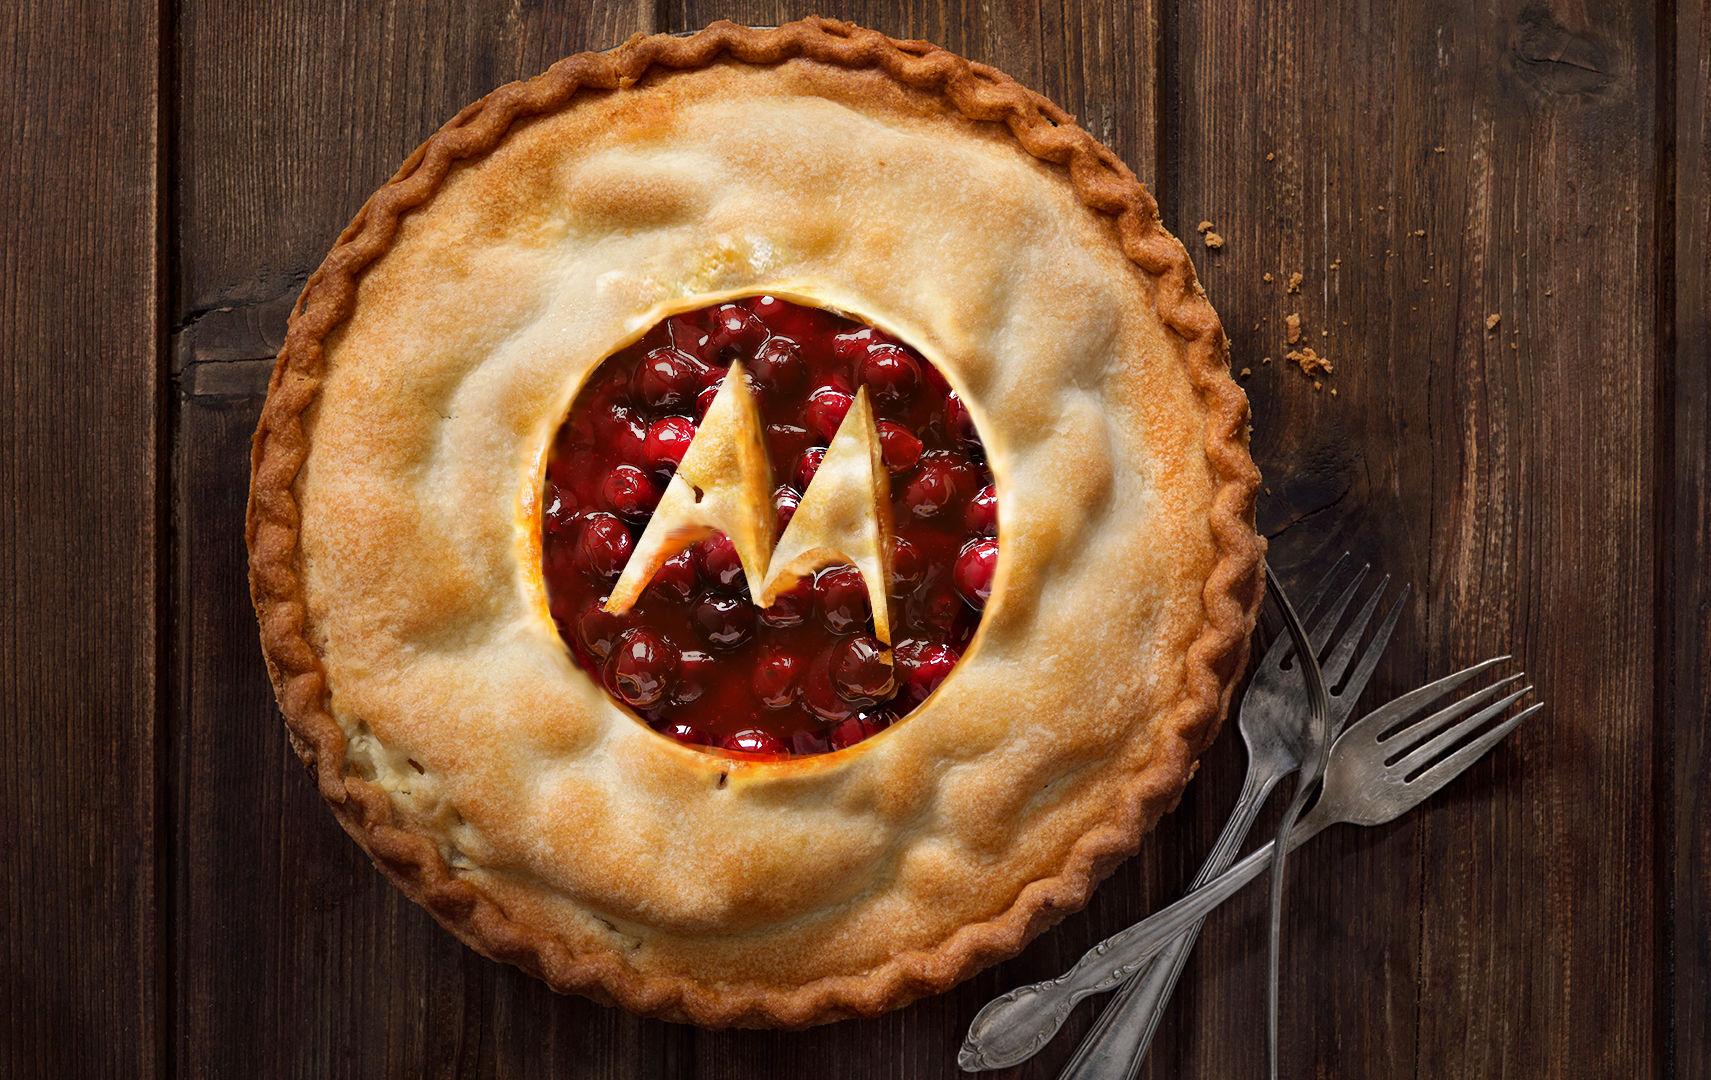 Moto_Pie_02